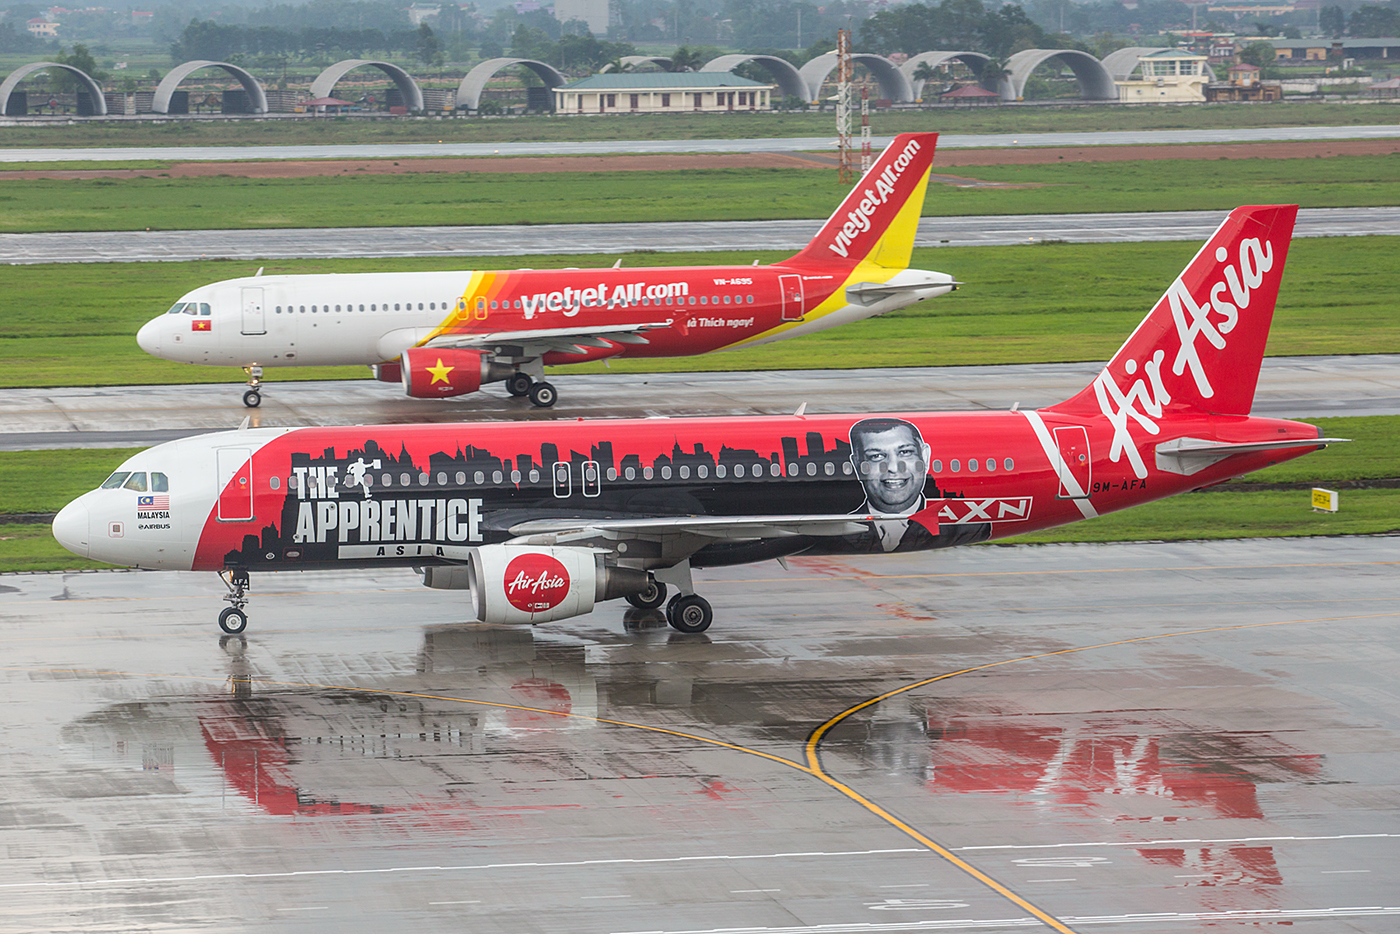 Diese A320 der AirAsia aus Malaysia macht Werbung für eine Realitysoap auf dem Bezahlsender AXN.